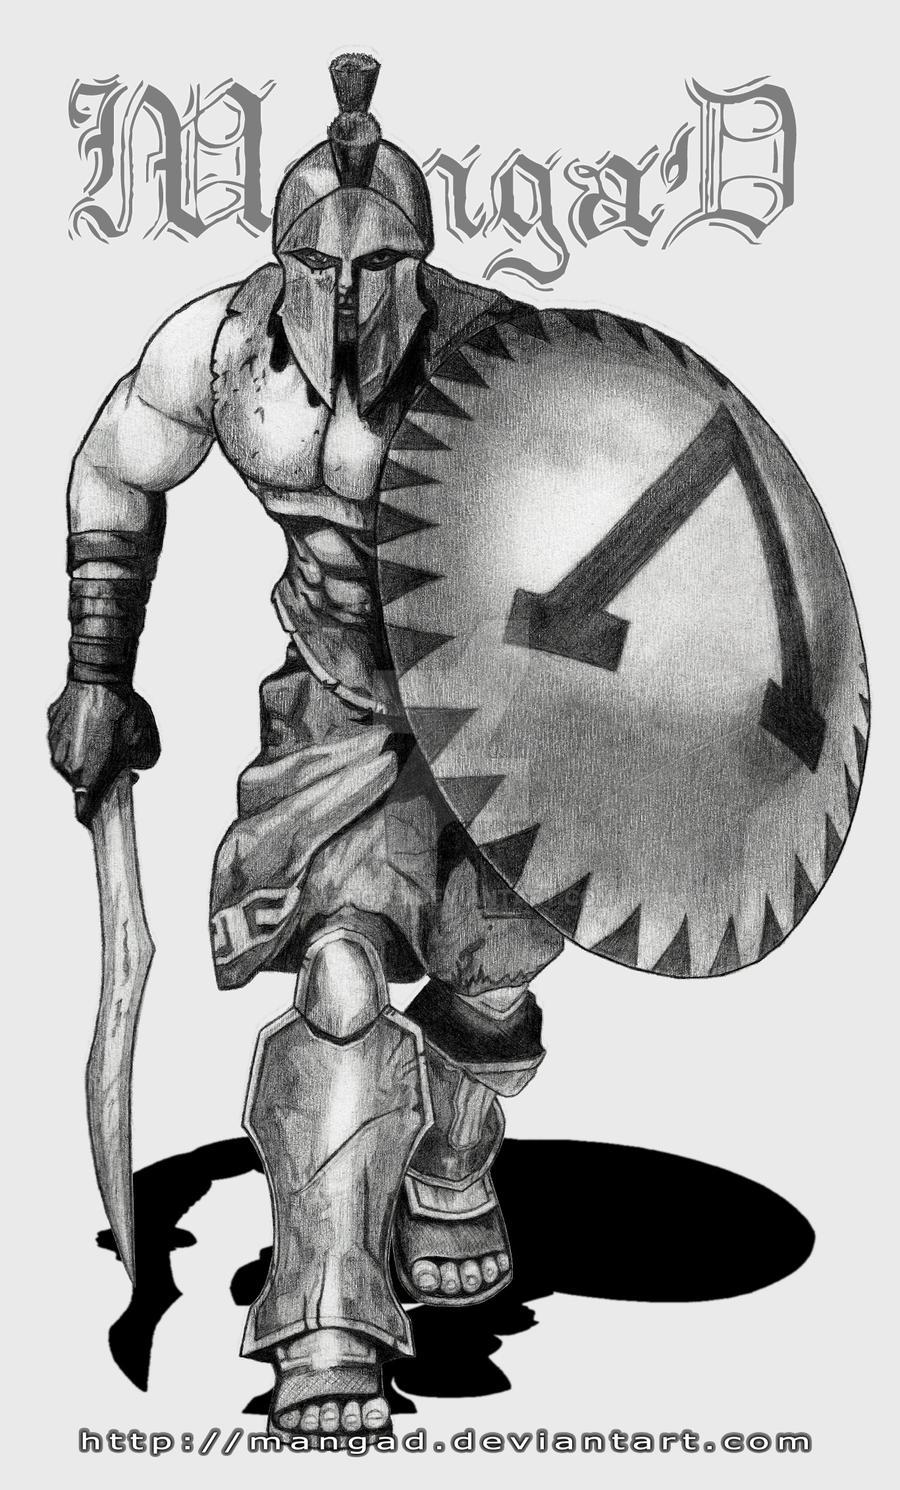 Spartan Warrior by MangaD on DeviantArt